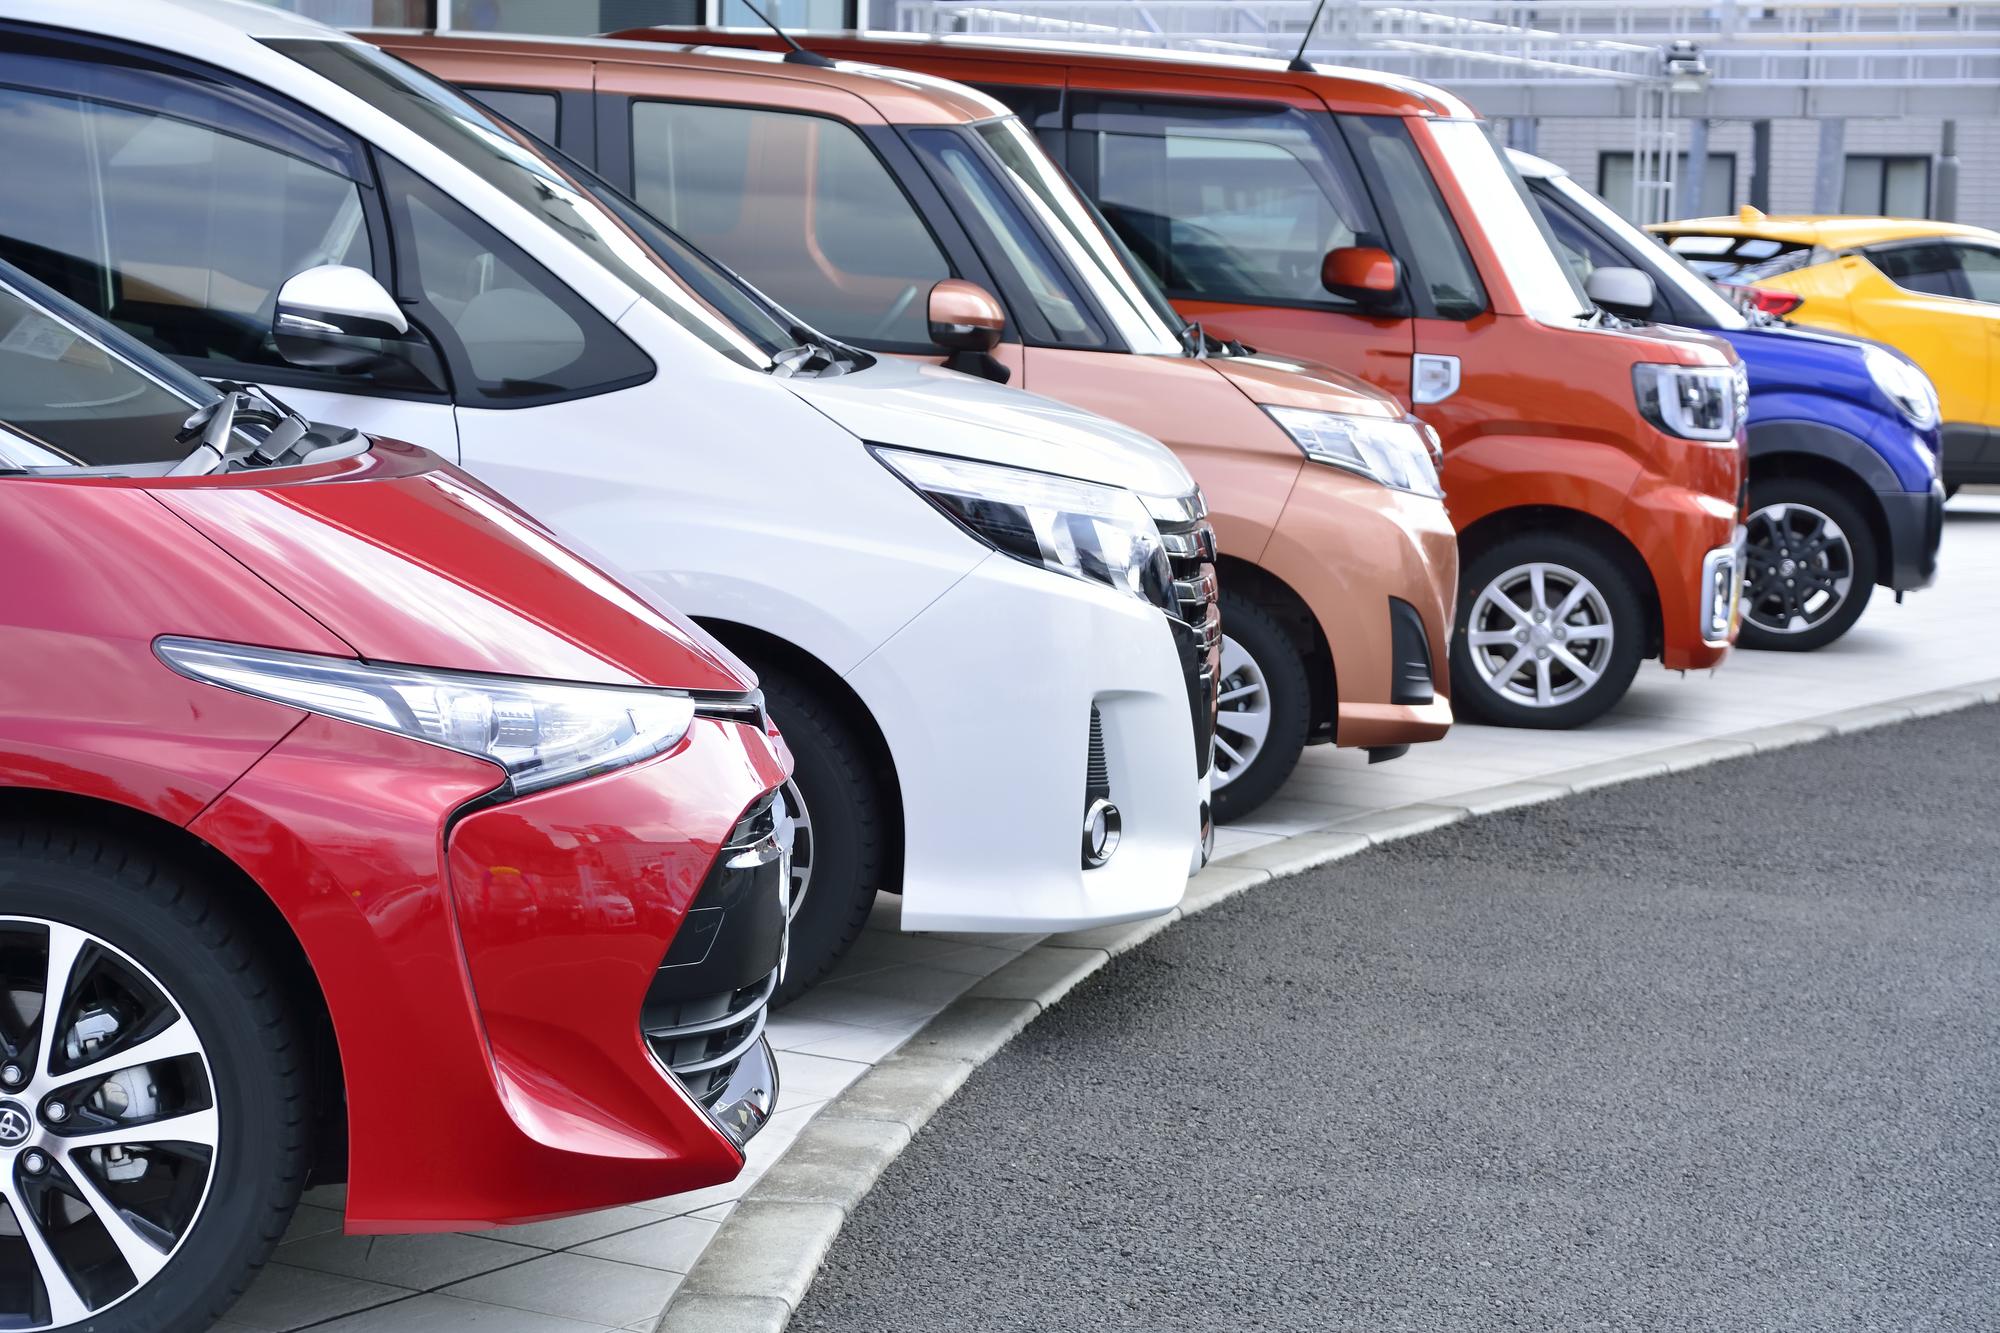 自動車購入をお考えの方をご紹介ください